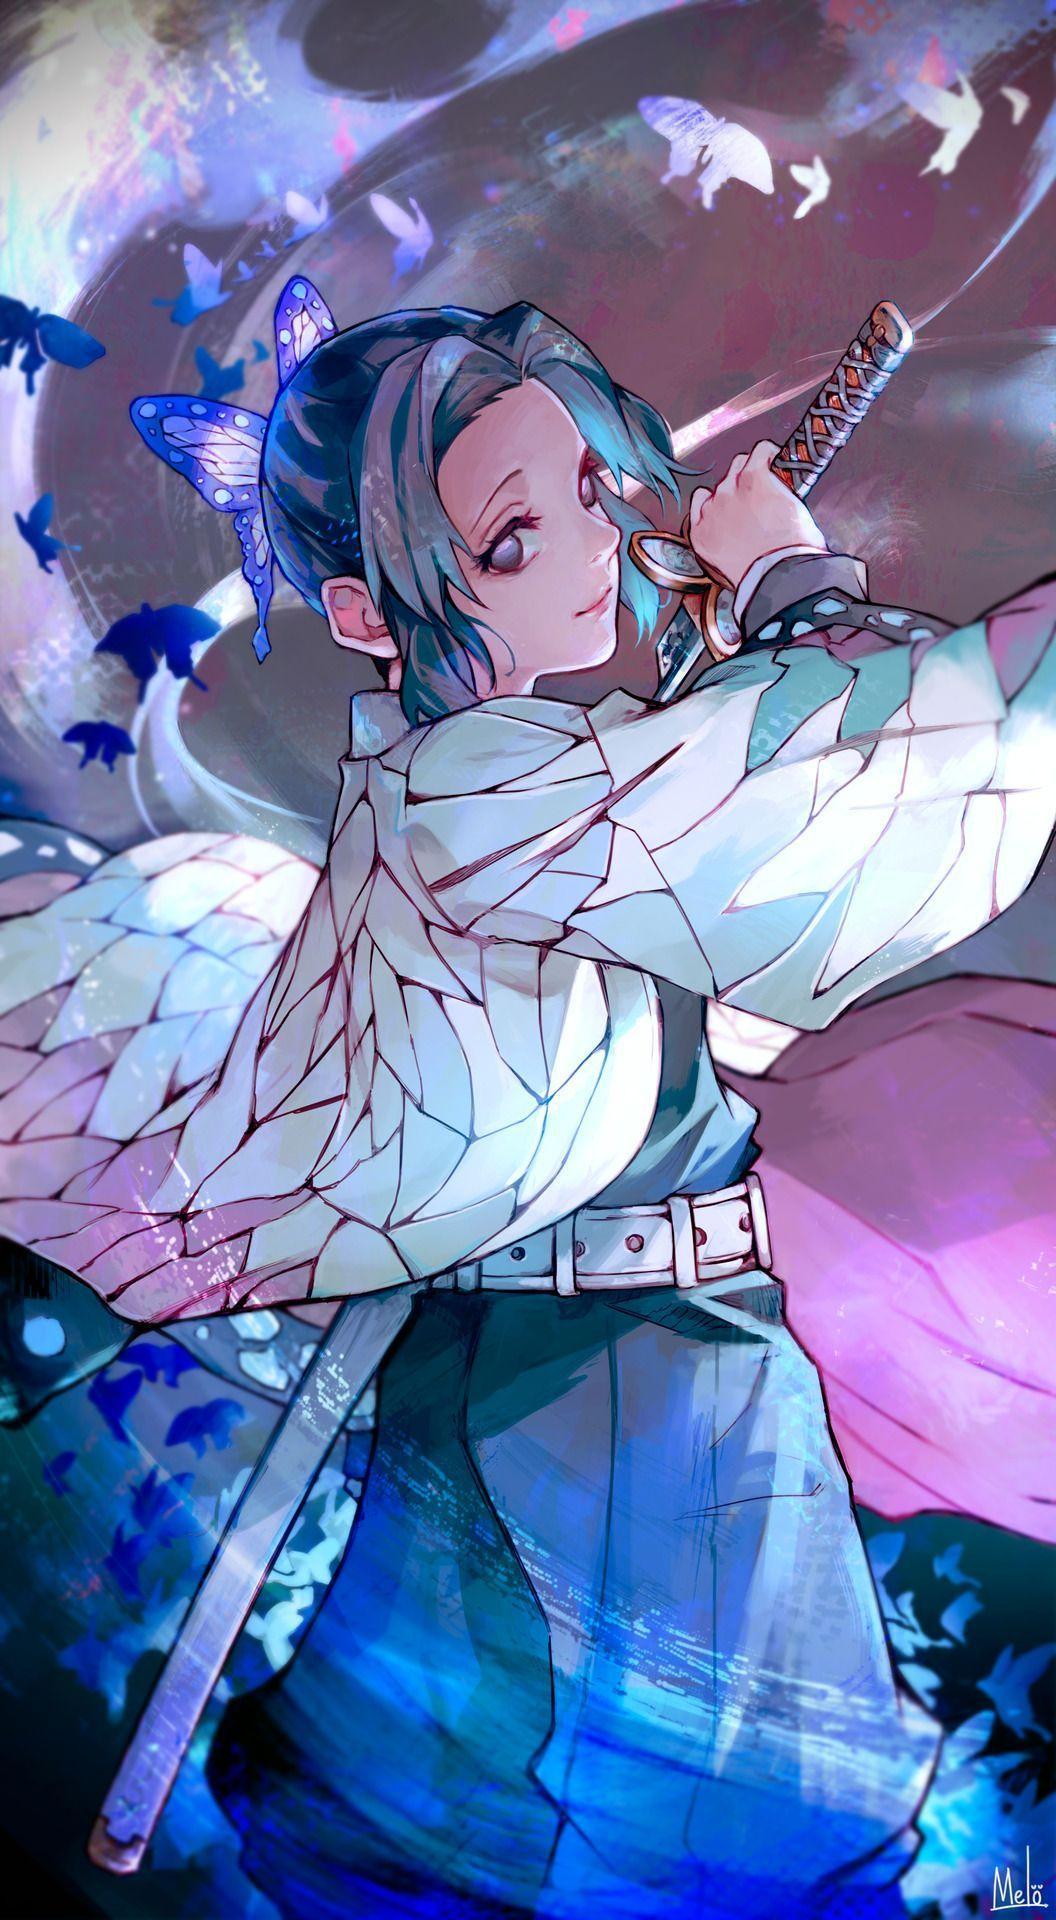 Shinobu Kocho Wallpapers - Top Free Shinobu Kocho Backgrounds - WallpaperAccess